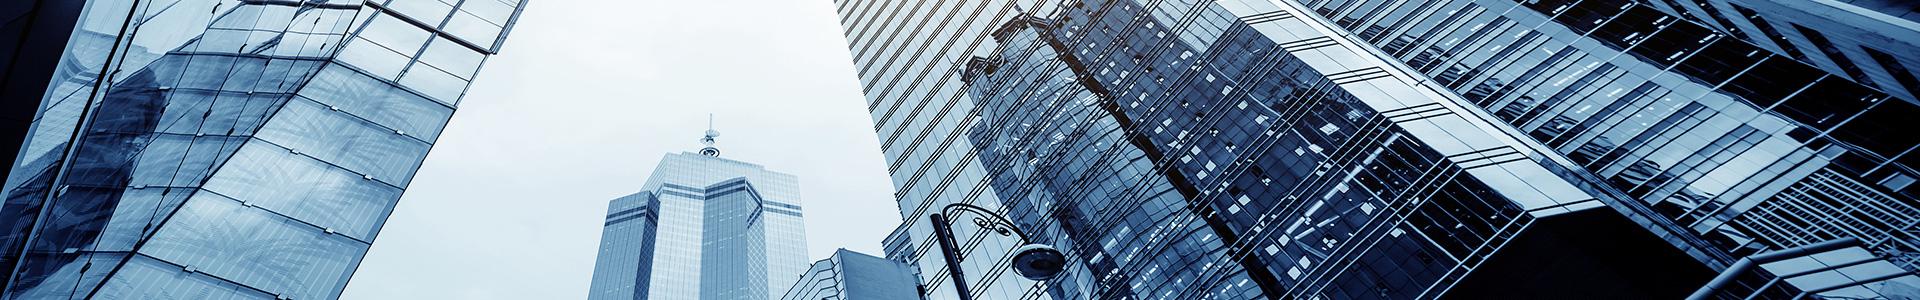 苏州市格丽特玻璃有限公司